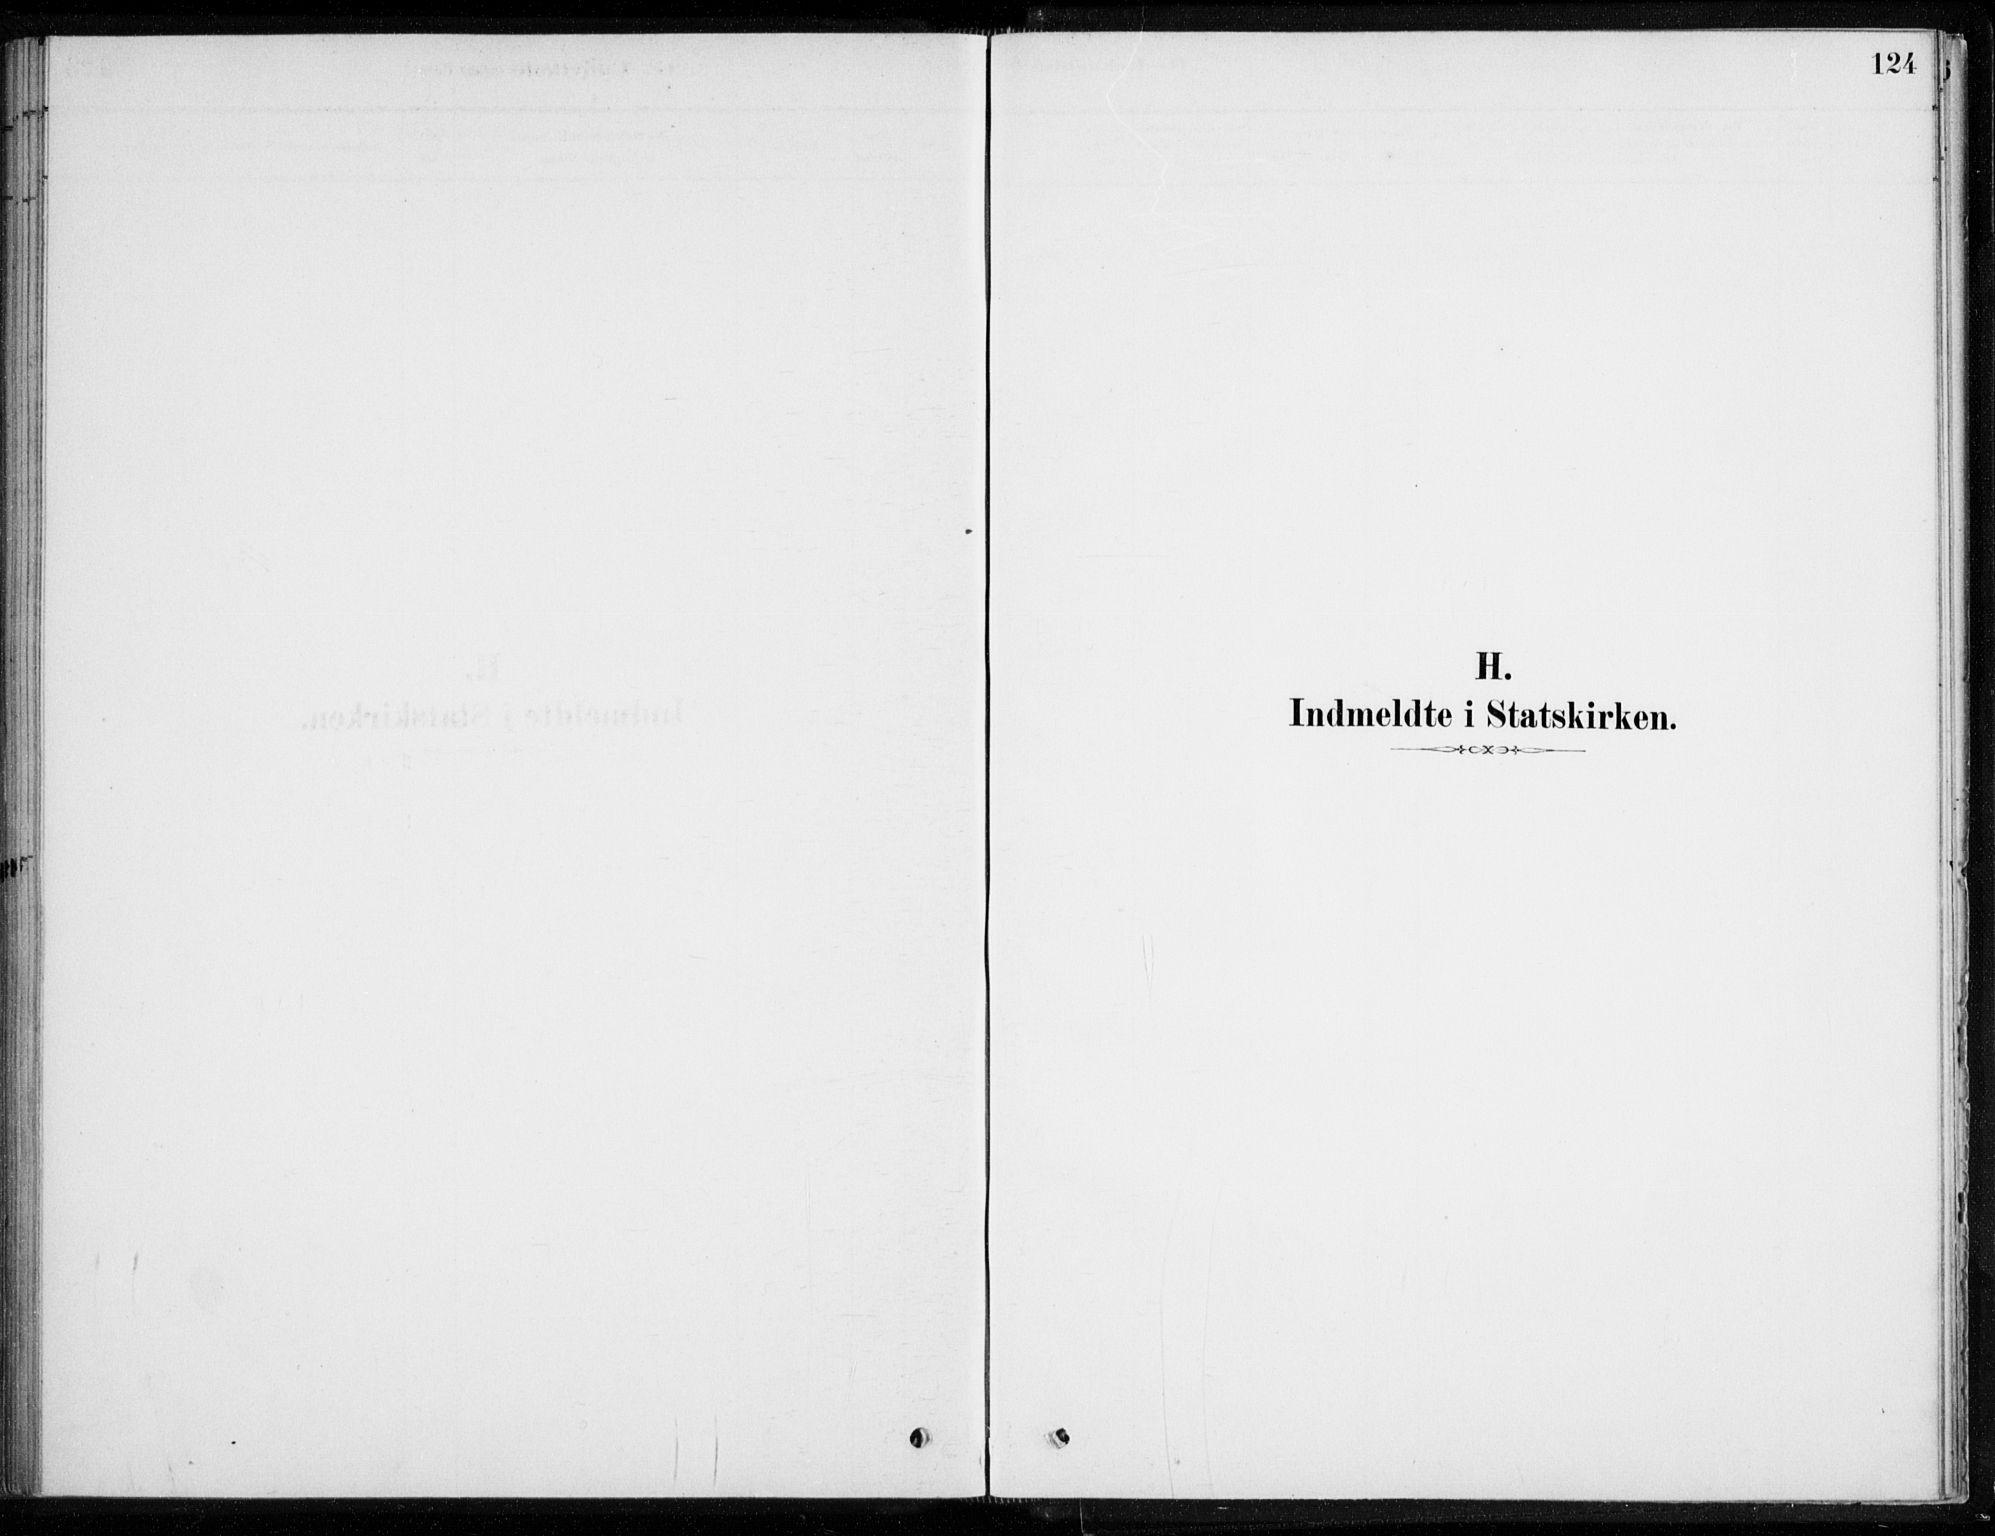 SAKO, Åssiden kirkebøker, F/Fa/L0001: Ministerialbok nr. 1, 1878-1904, s. 124